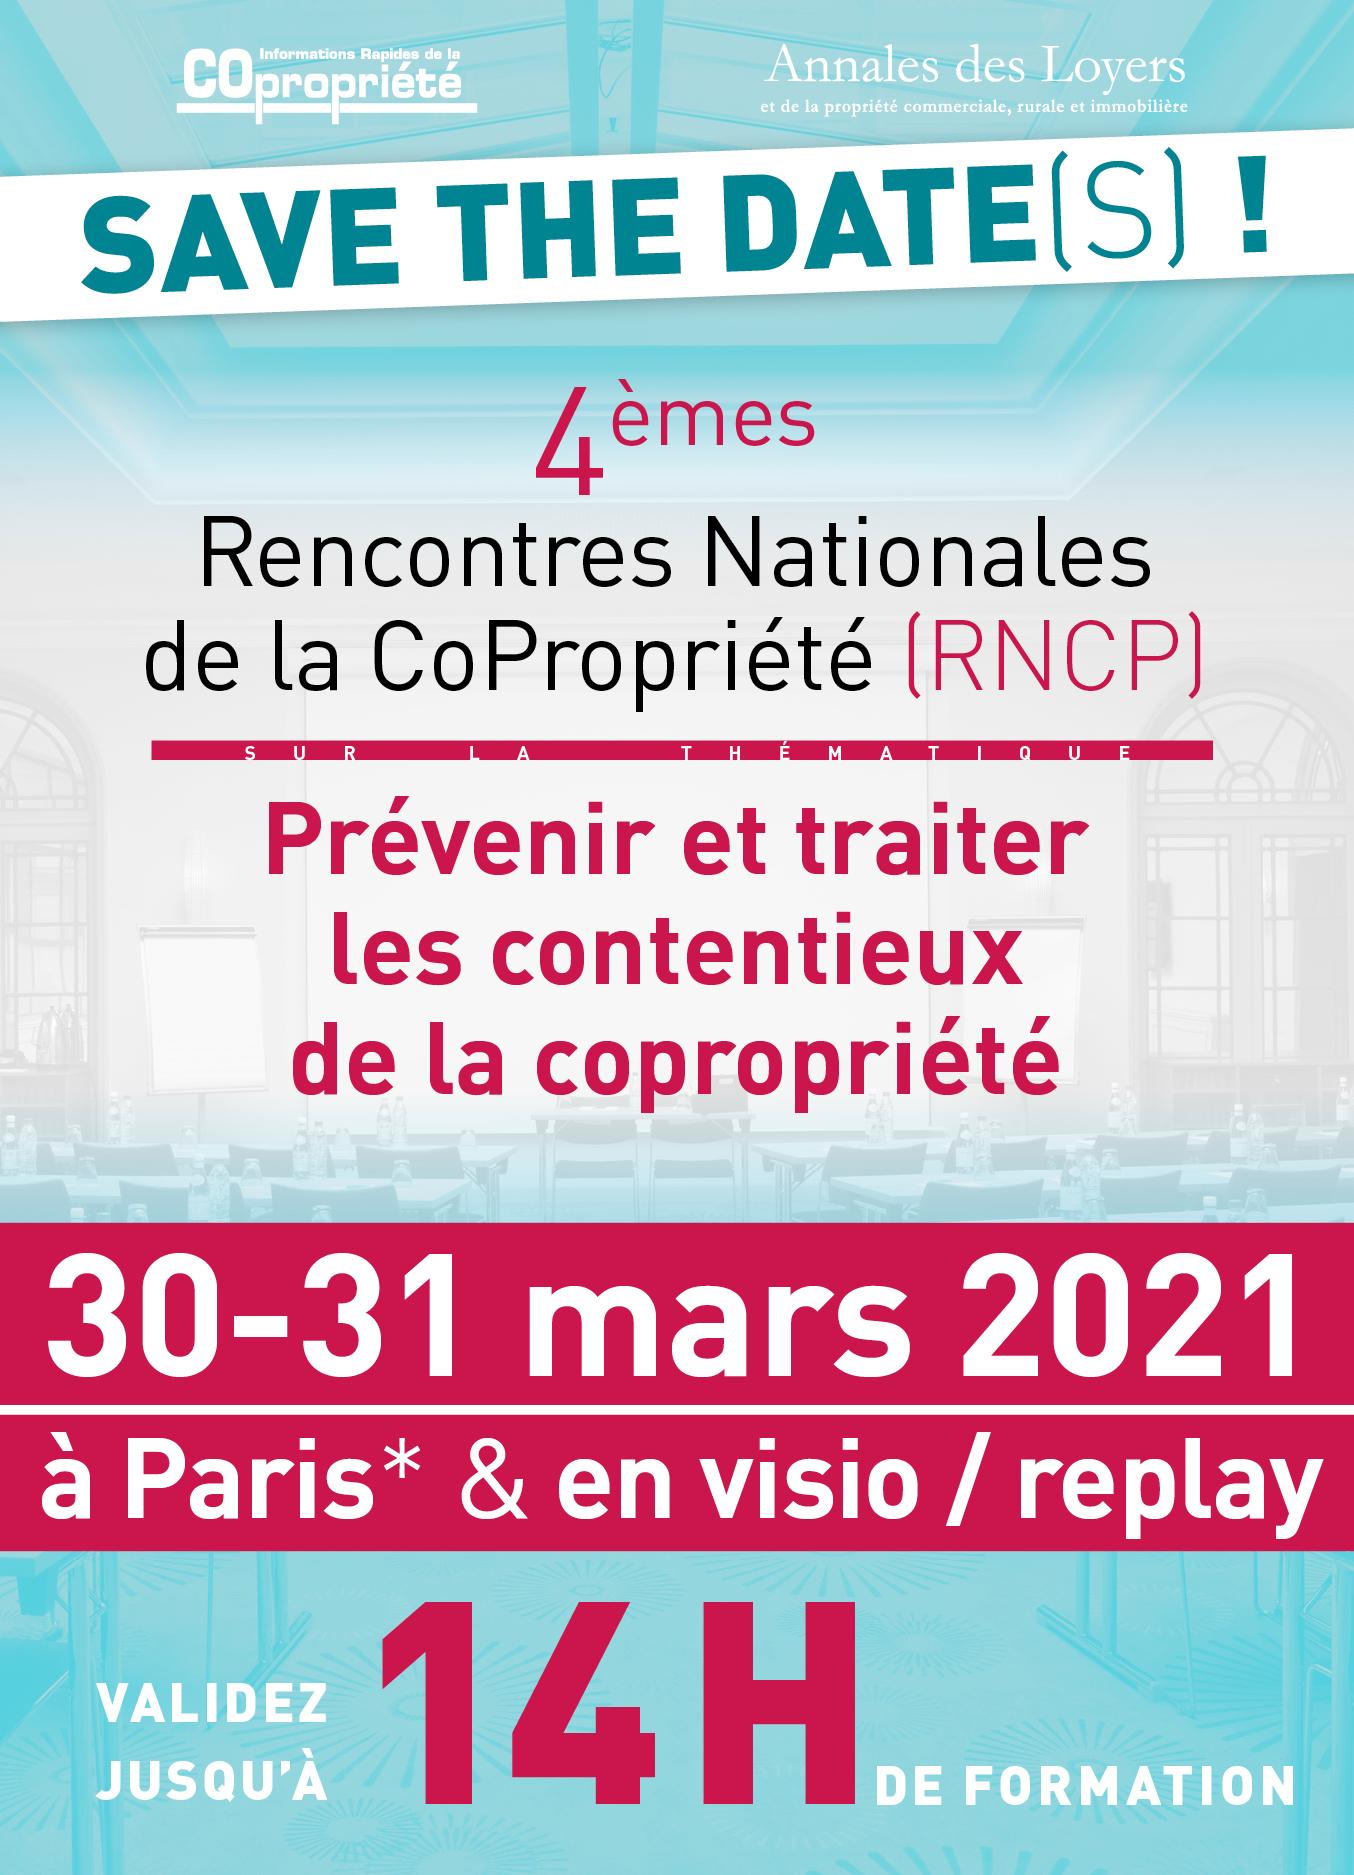 RNCP2021 - Rencontres Nationales de la Copropriété 2021